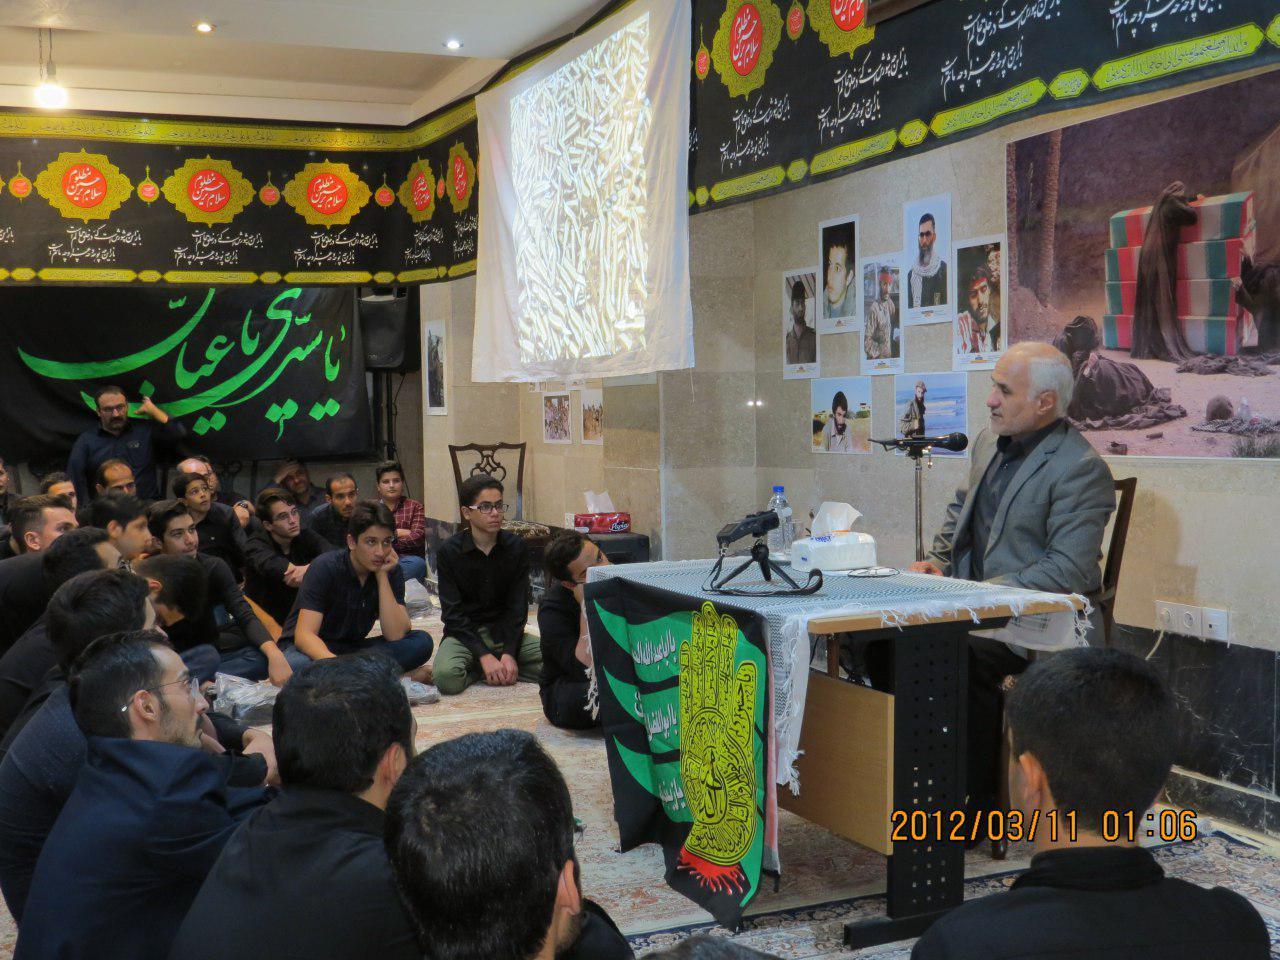 سخنرانی استاد حسن عباسی در شهرک جهاننما کرج - شاید عاشورای بعدی